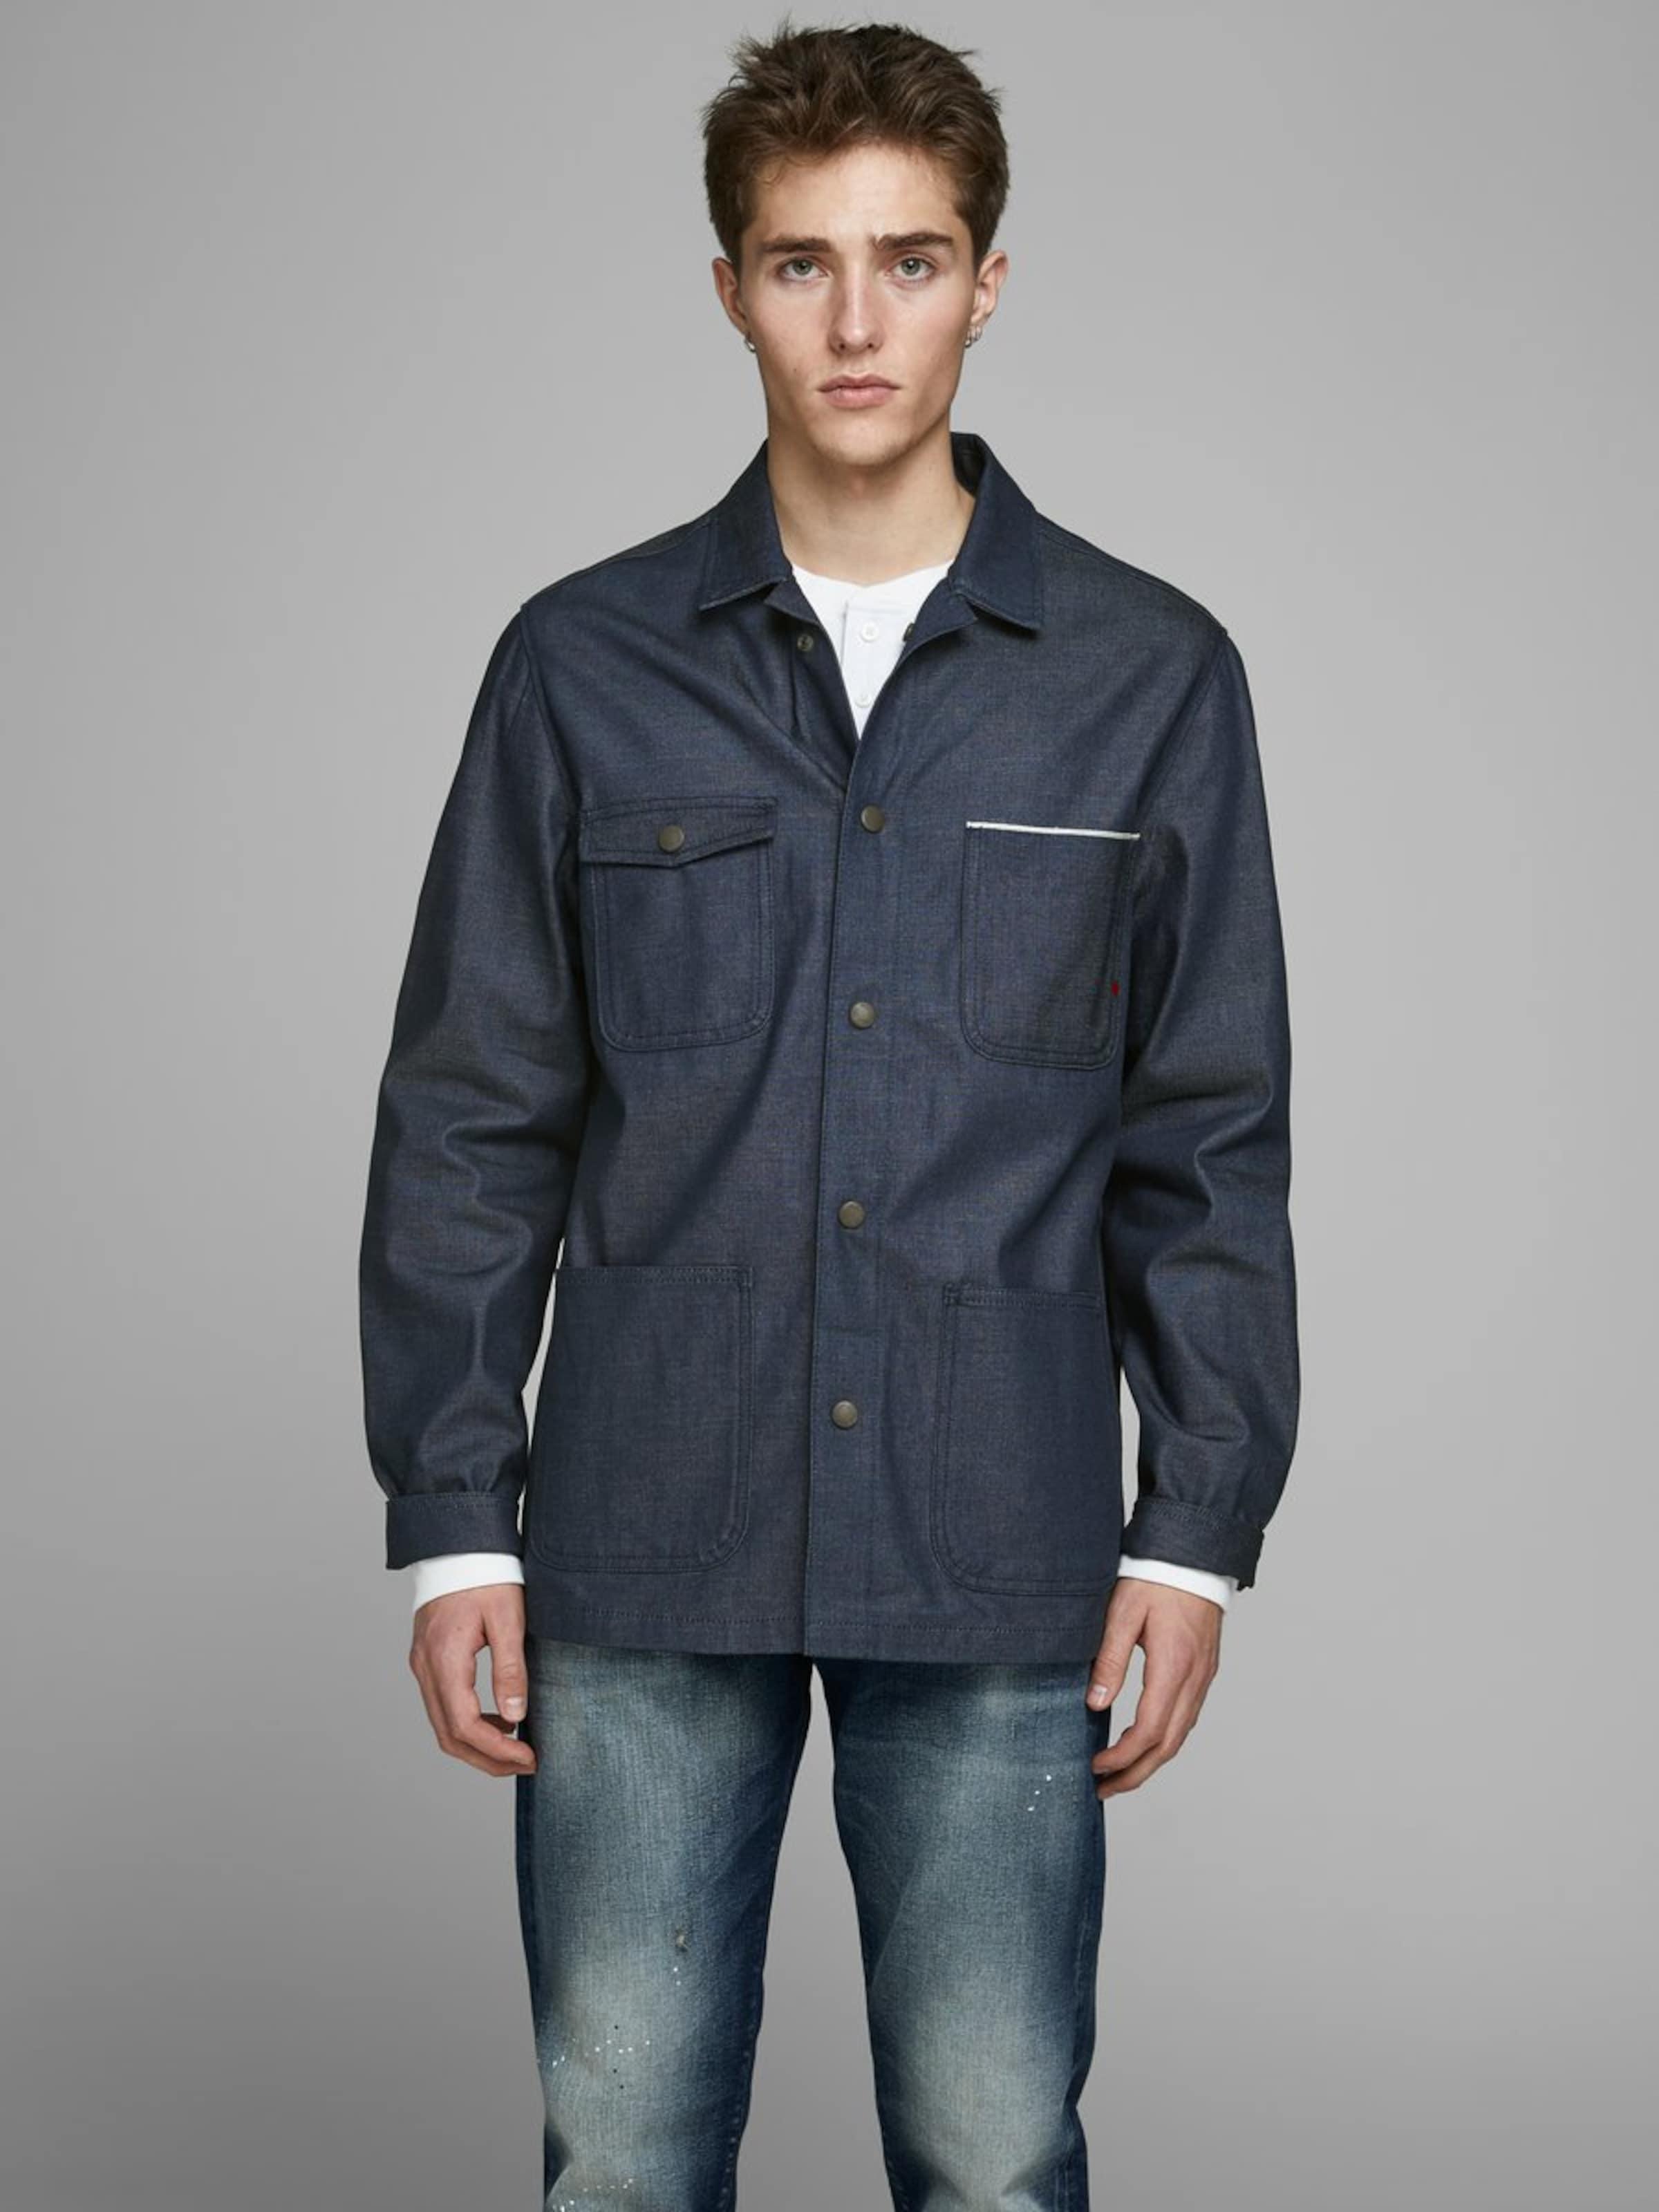 JACK & JONES Jacke in blue denim Jeans 5714501488681